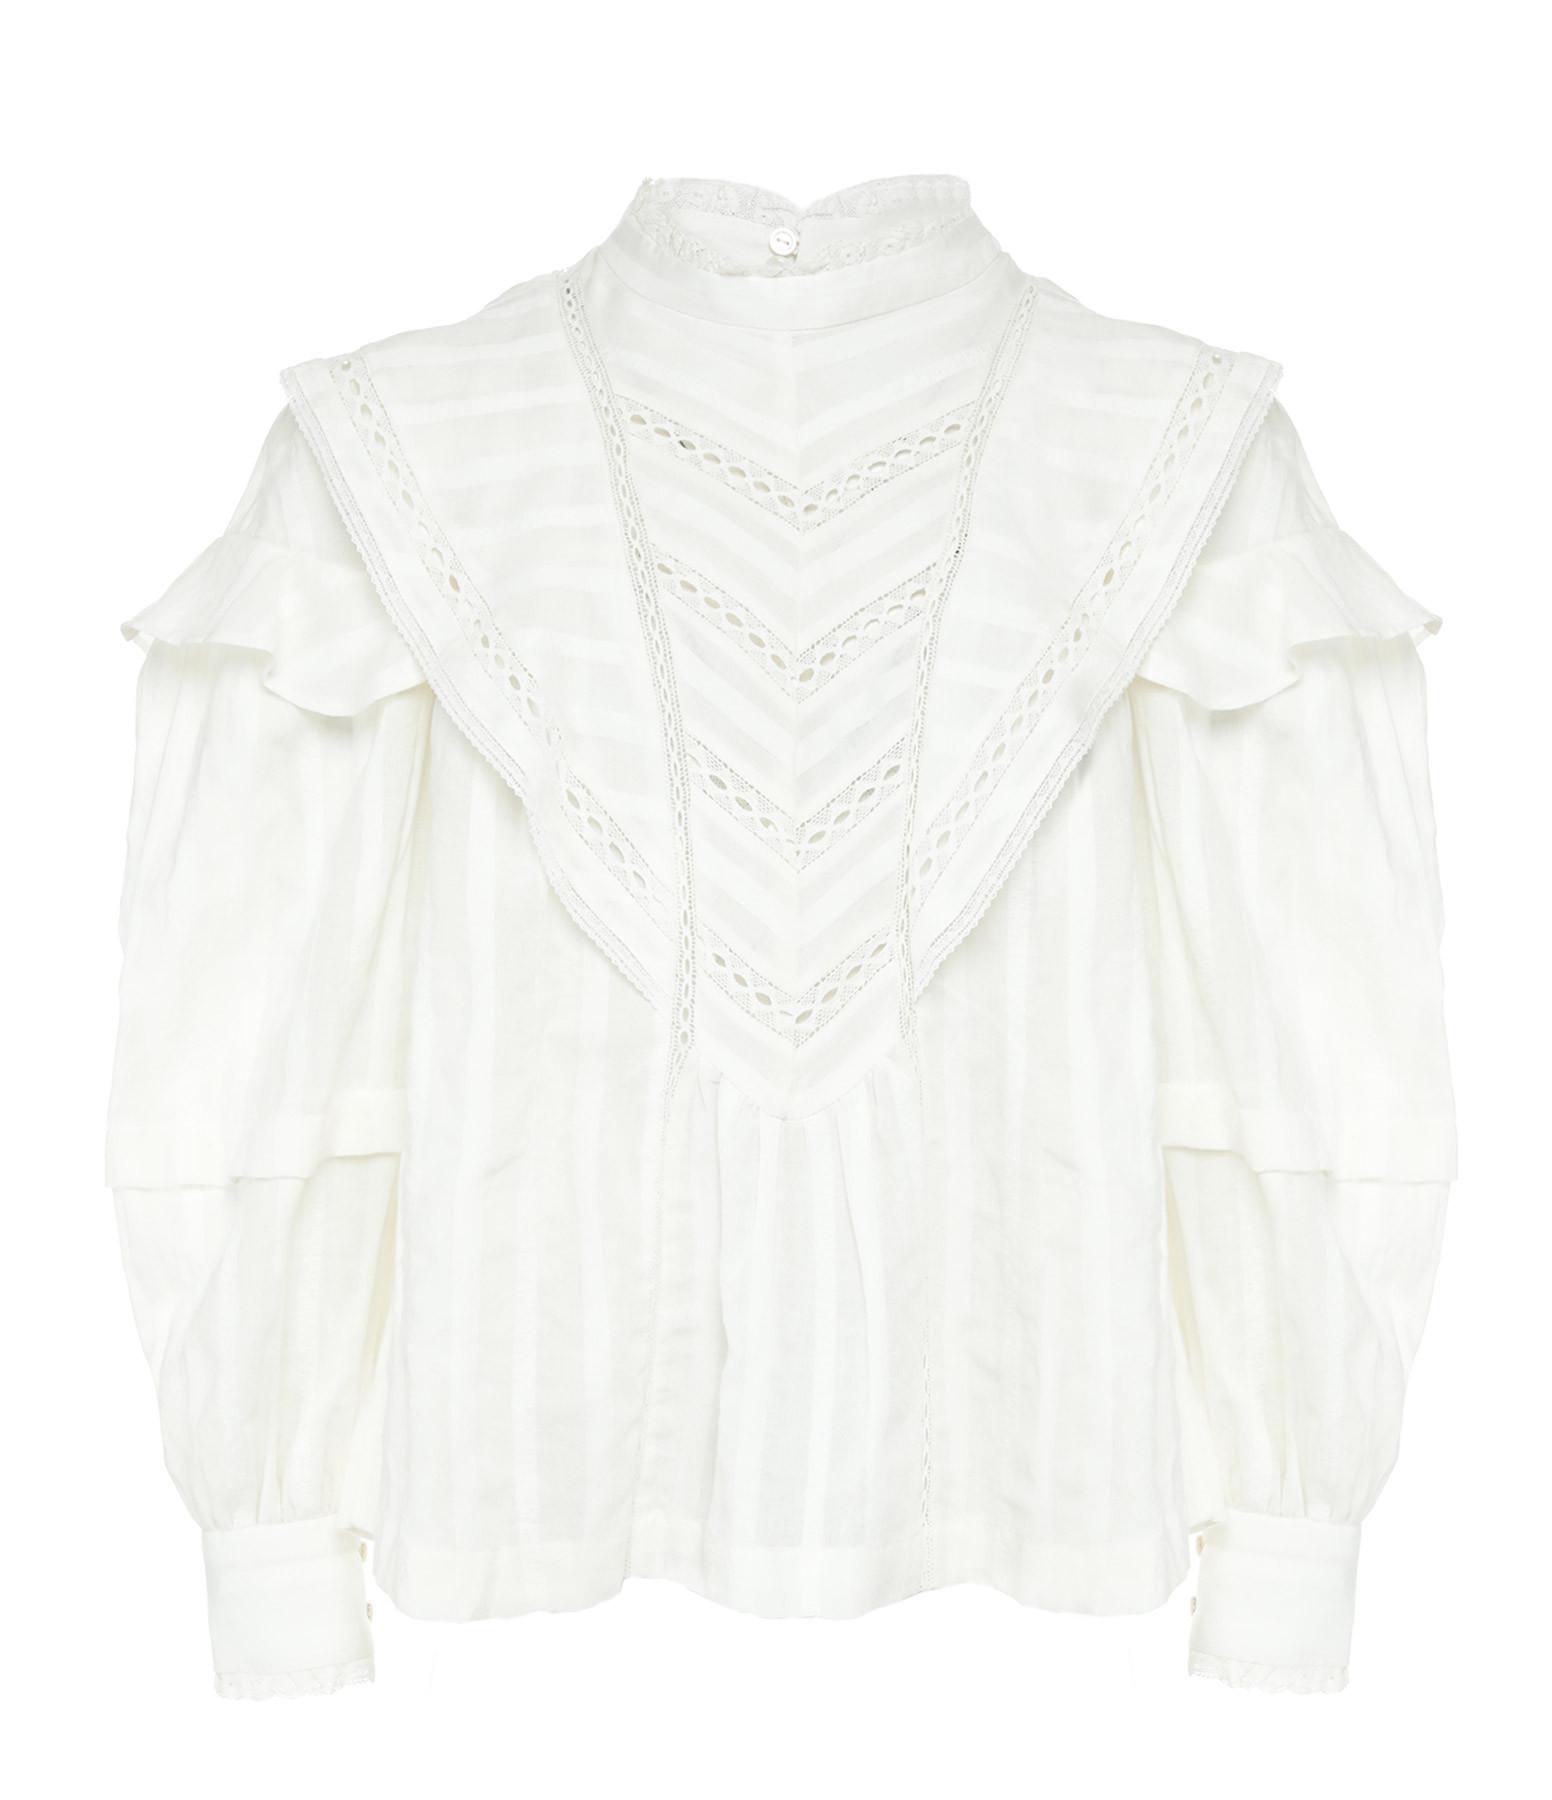 ISABEL MARANT ÉTOILE - Top Reign Coton Blanc